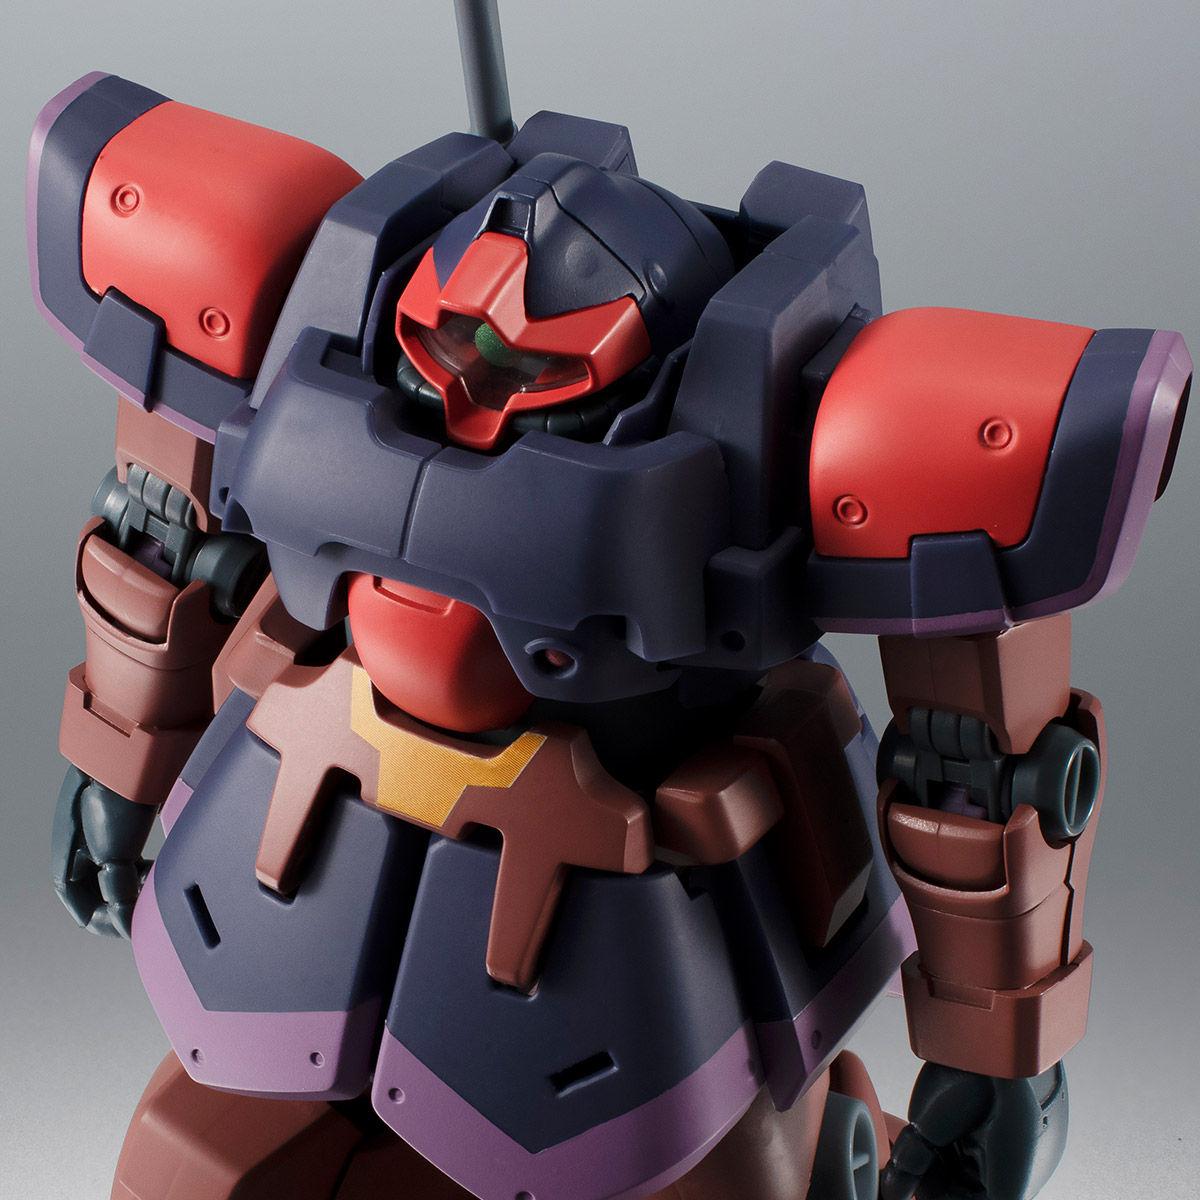 【限定販売】ROBOT魂〈SIDE MS〉『YMS-09R-2 プロトタイプ・リック・ドムII ver. A.N.I.M.E.』ガンダム0083 可動フィギュア-001